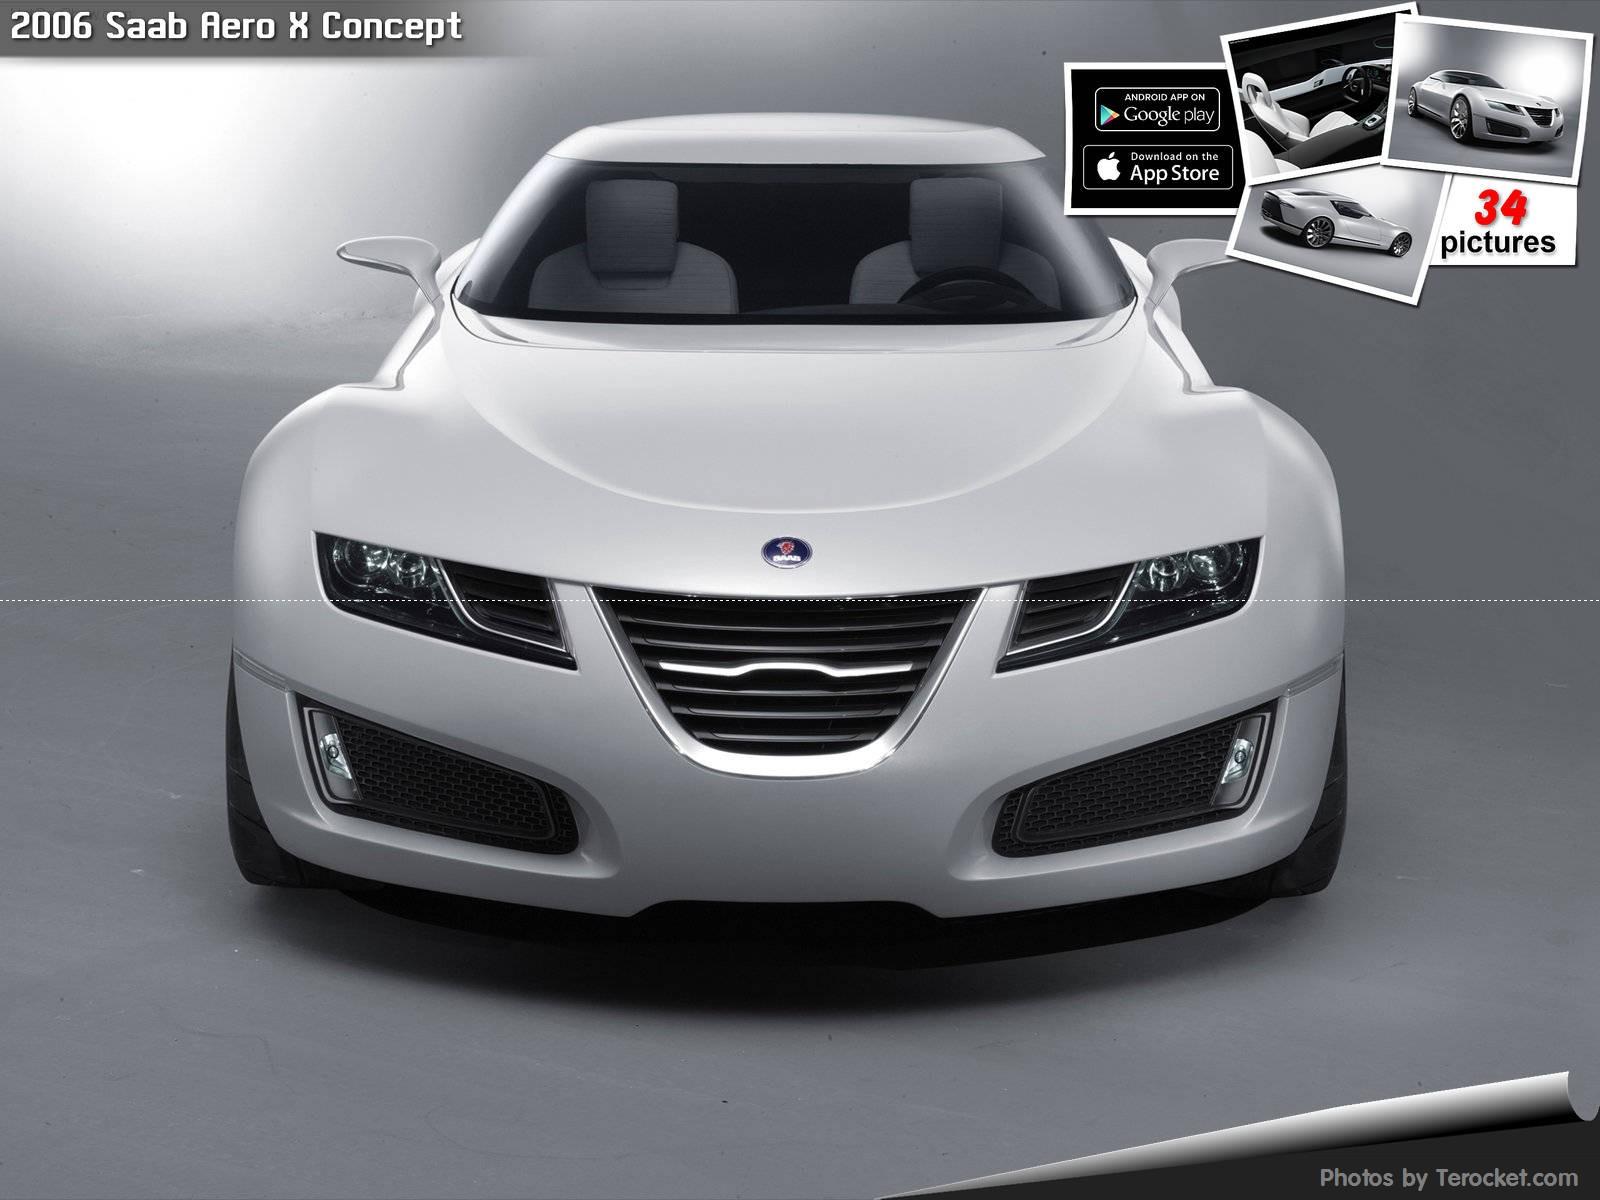 Hình ảnh xe ô tô Saab Aero X Concept 2006 & nội ngoại thất